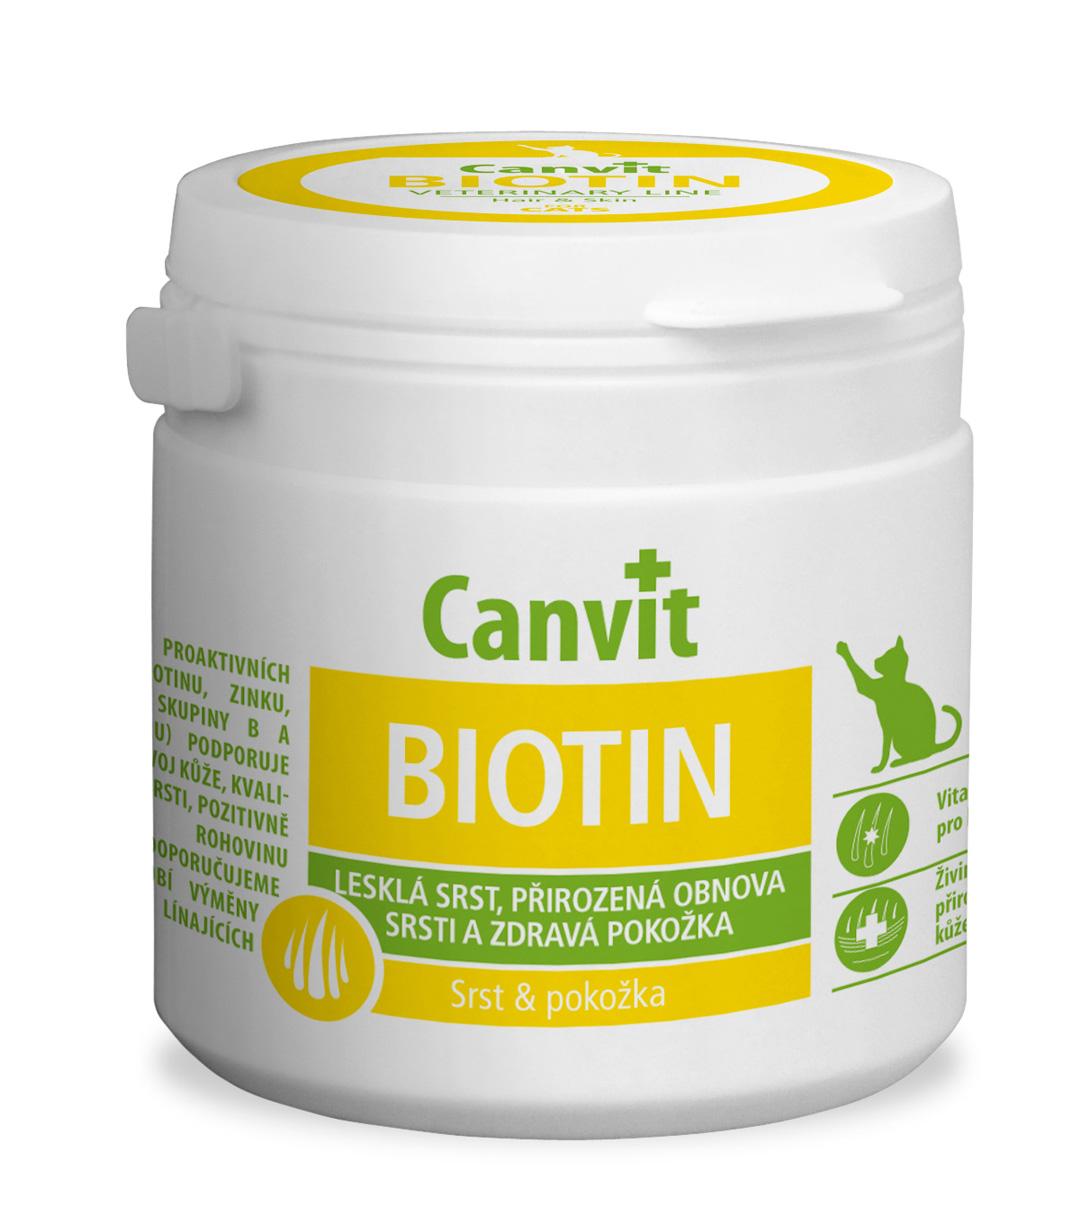 Biotin with calcium pantothenate